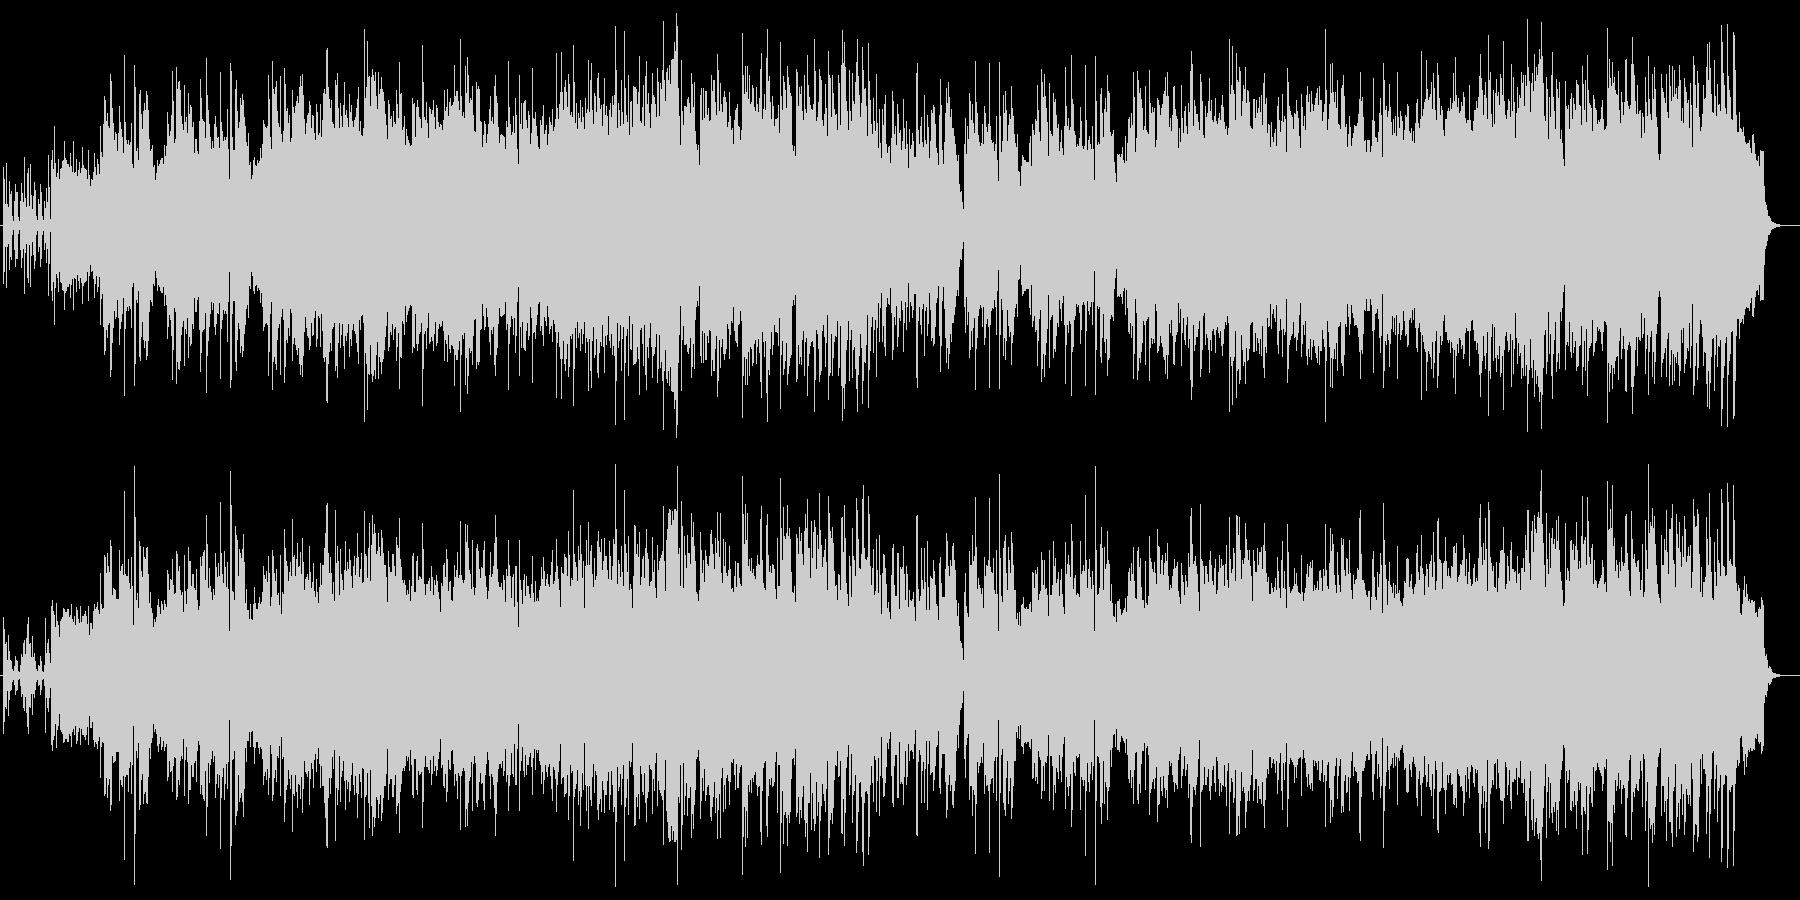 悠々としたシンセサイザーピアノサウンドの未再生の波形